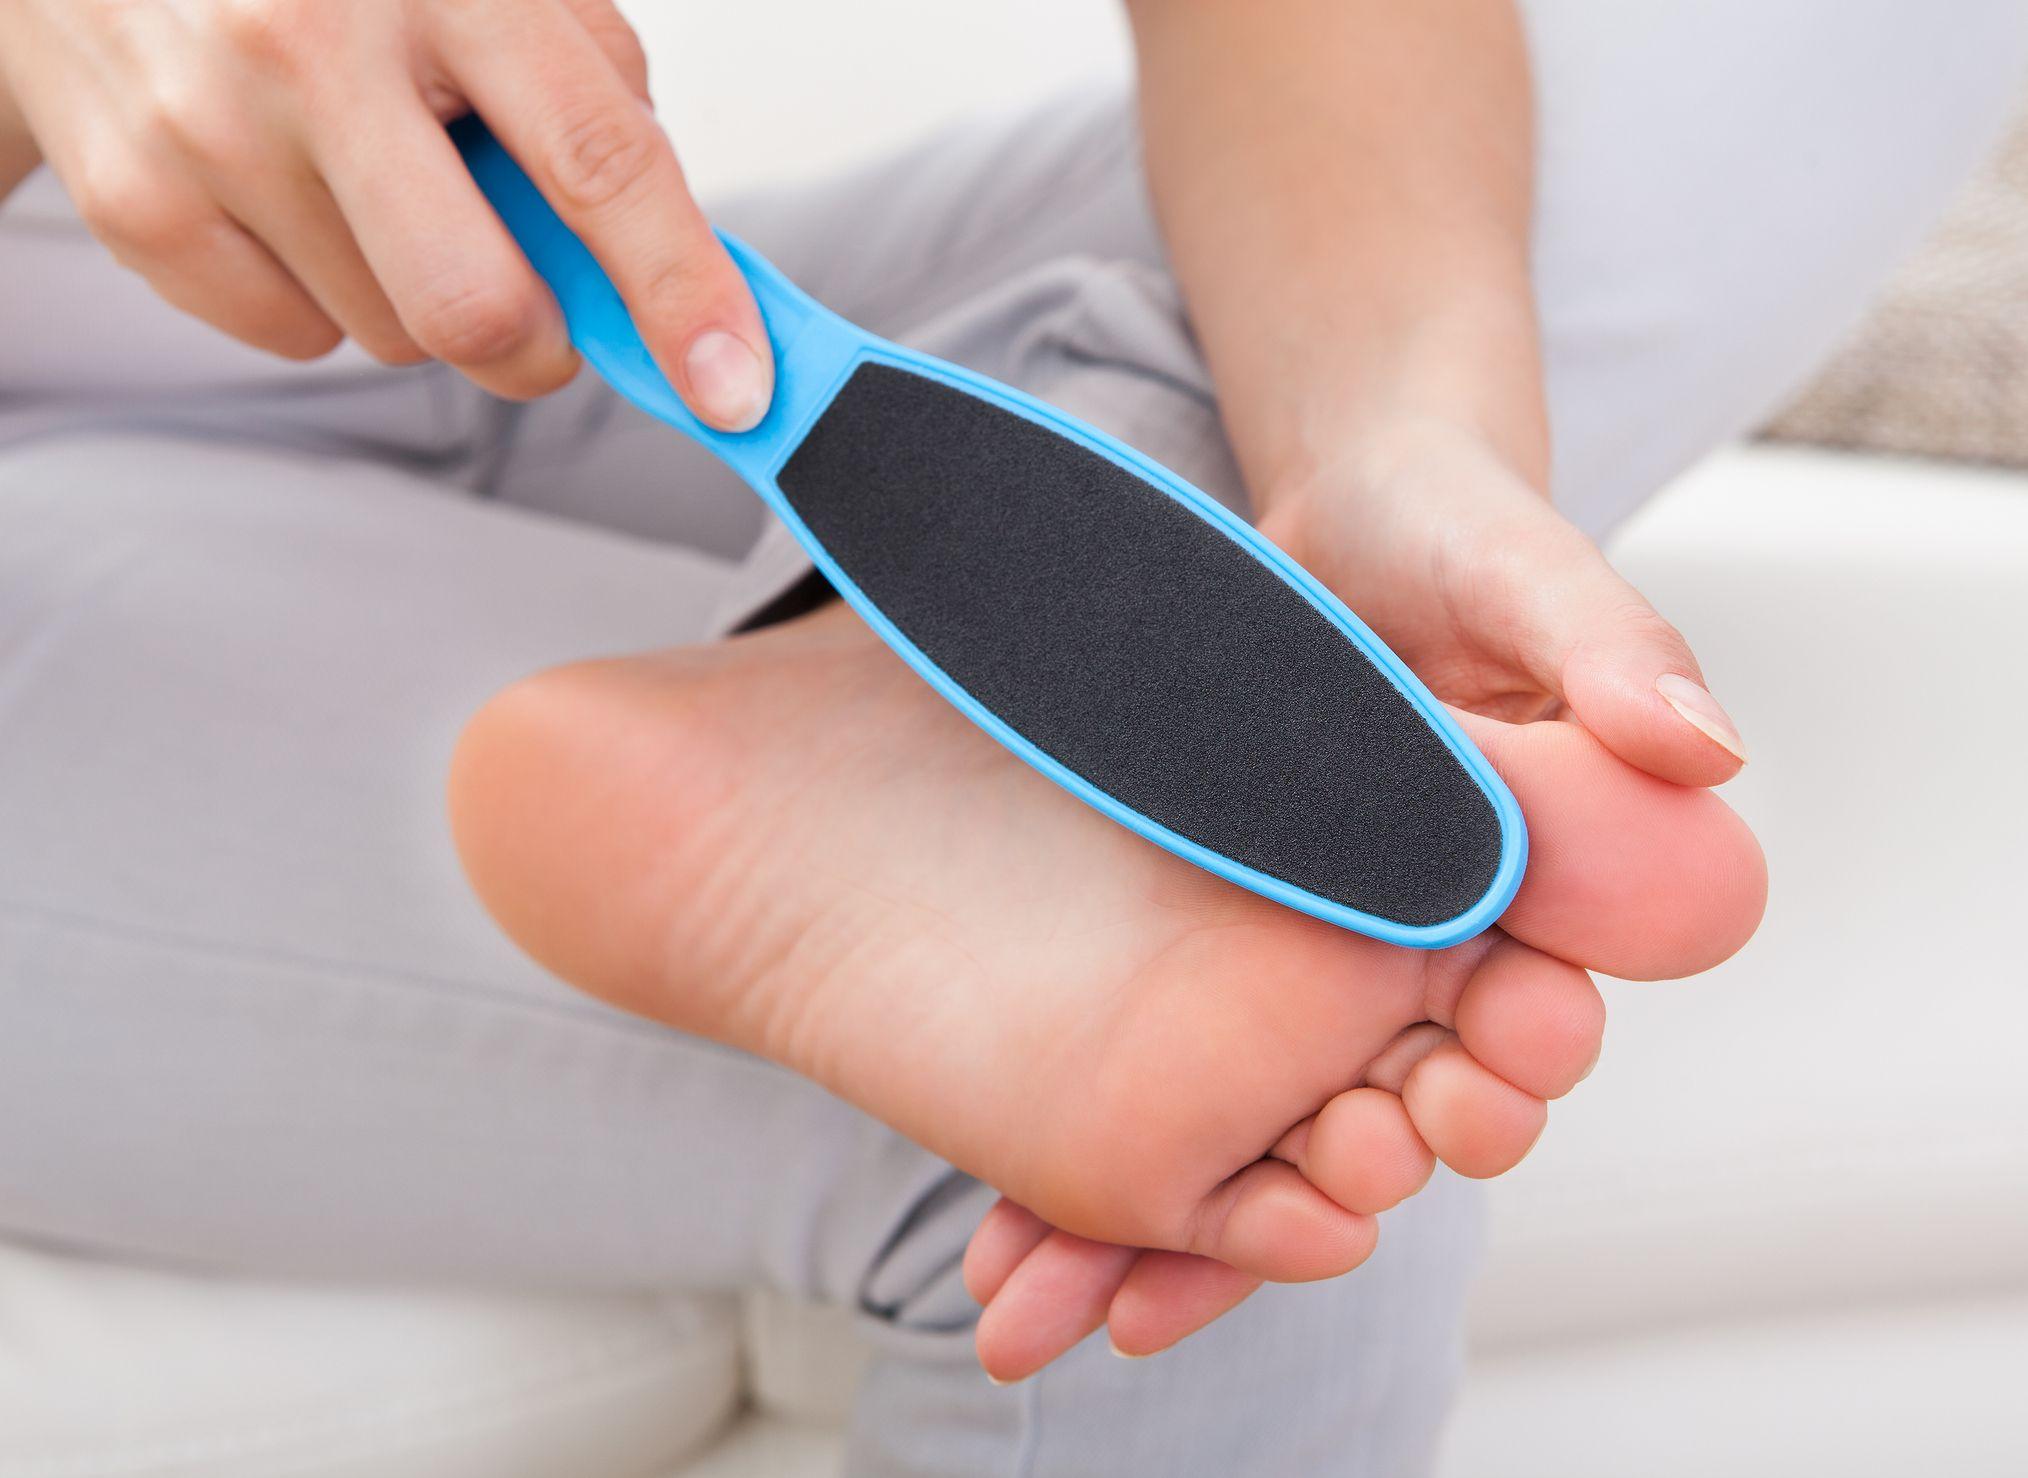 Existen utensilios y tratamientos específicos como apósitos, limas manuales o eléctricas y piedras pómez para eliminar callos y durezas.